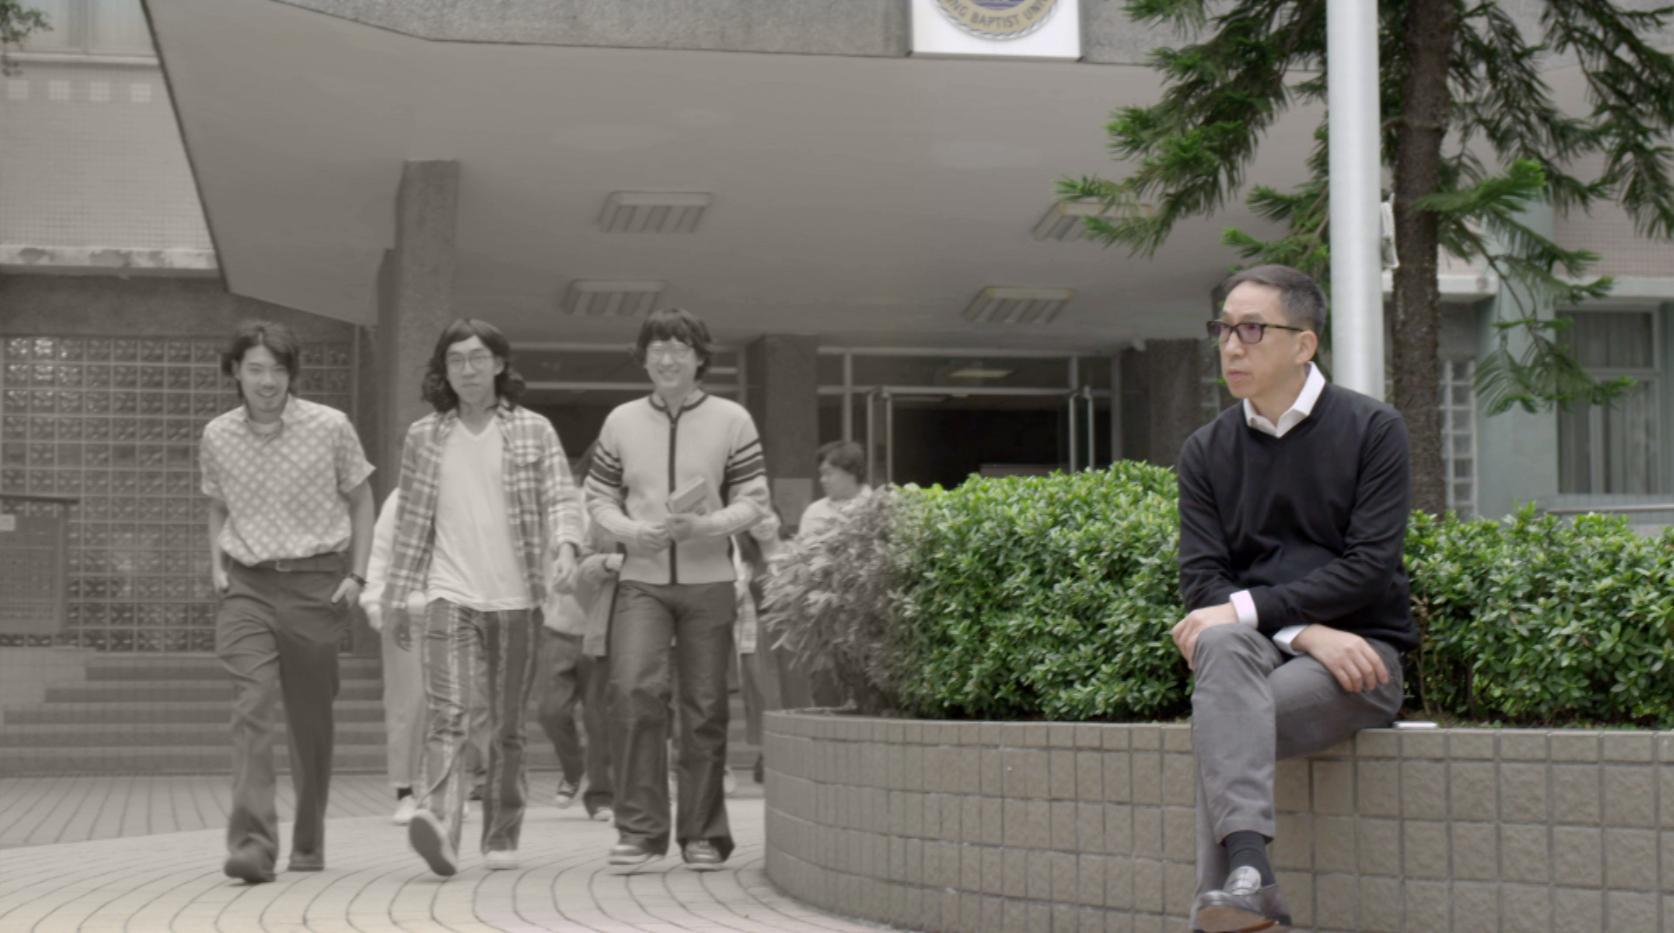 張堅庭曾為慶祝母校創校60周年而製作短片。